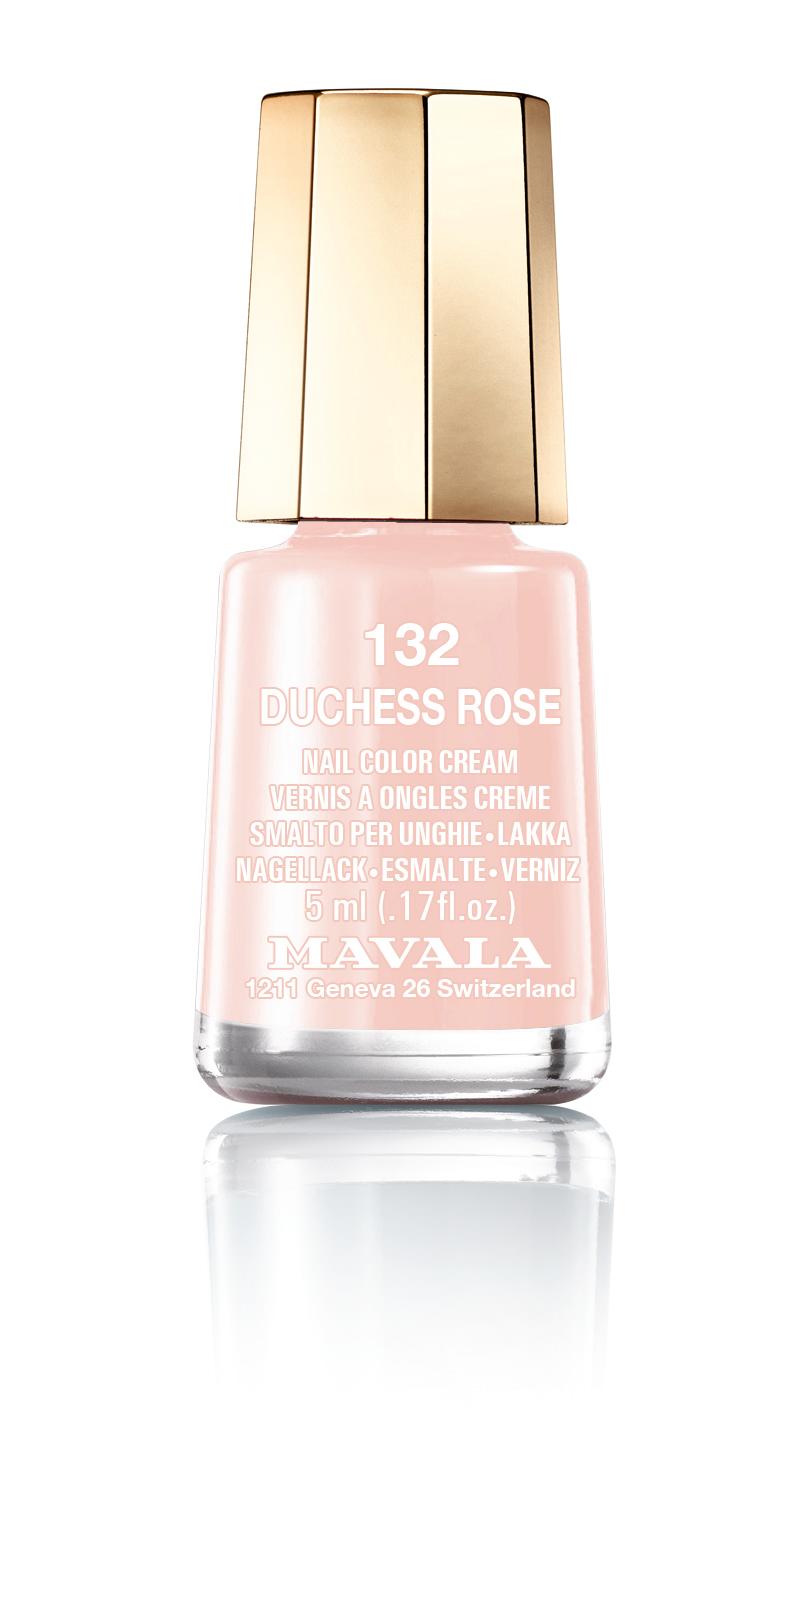 132 DUCHESS ROSE